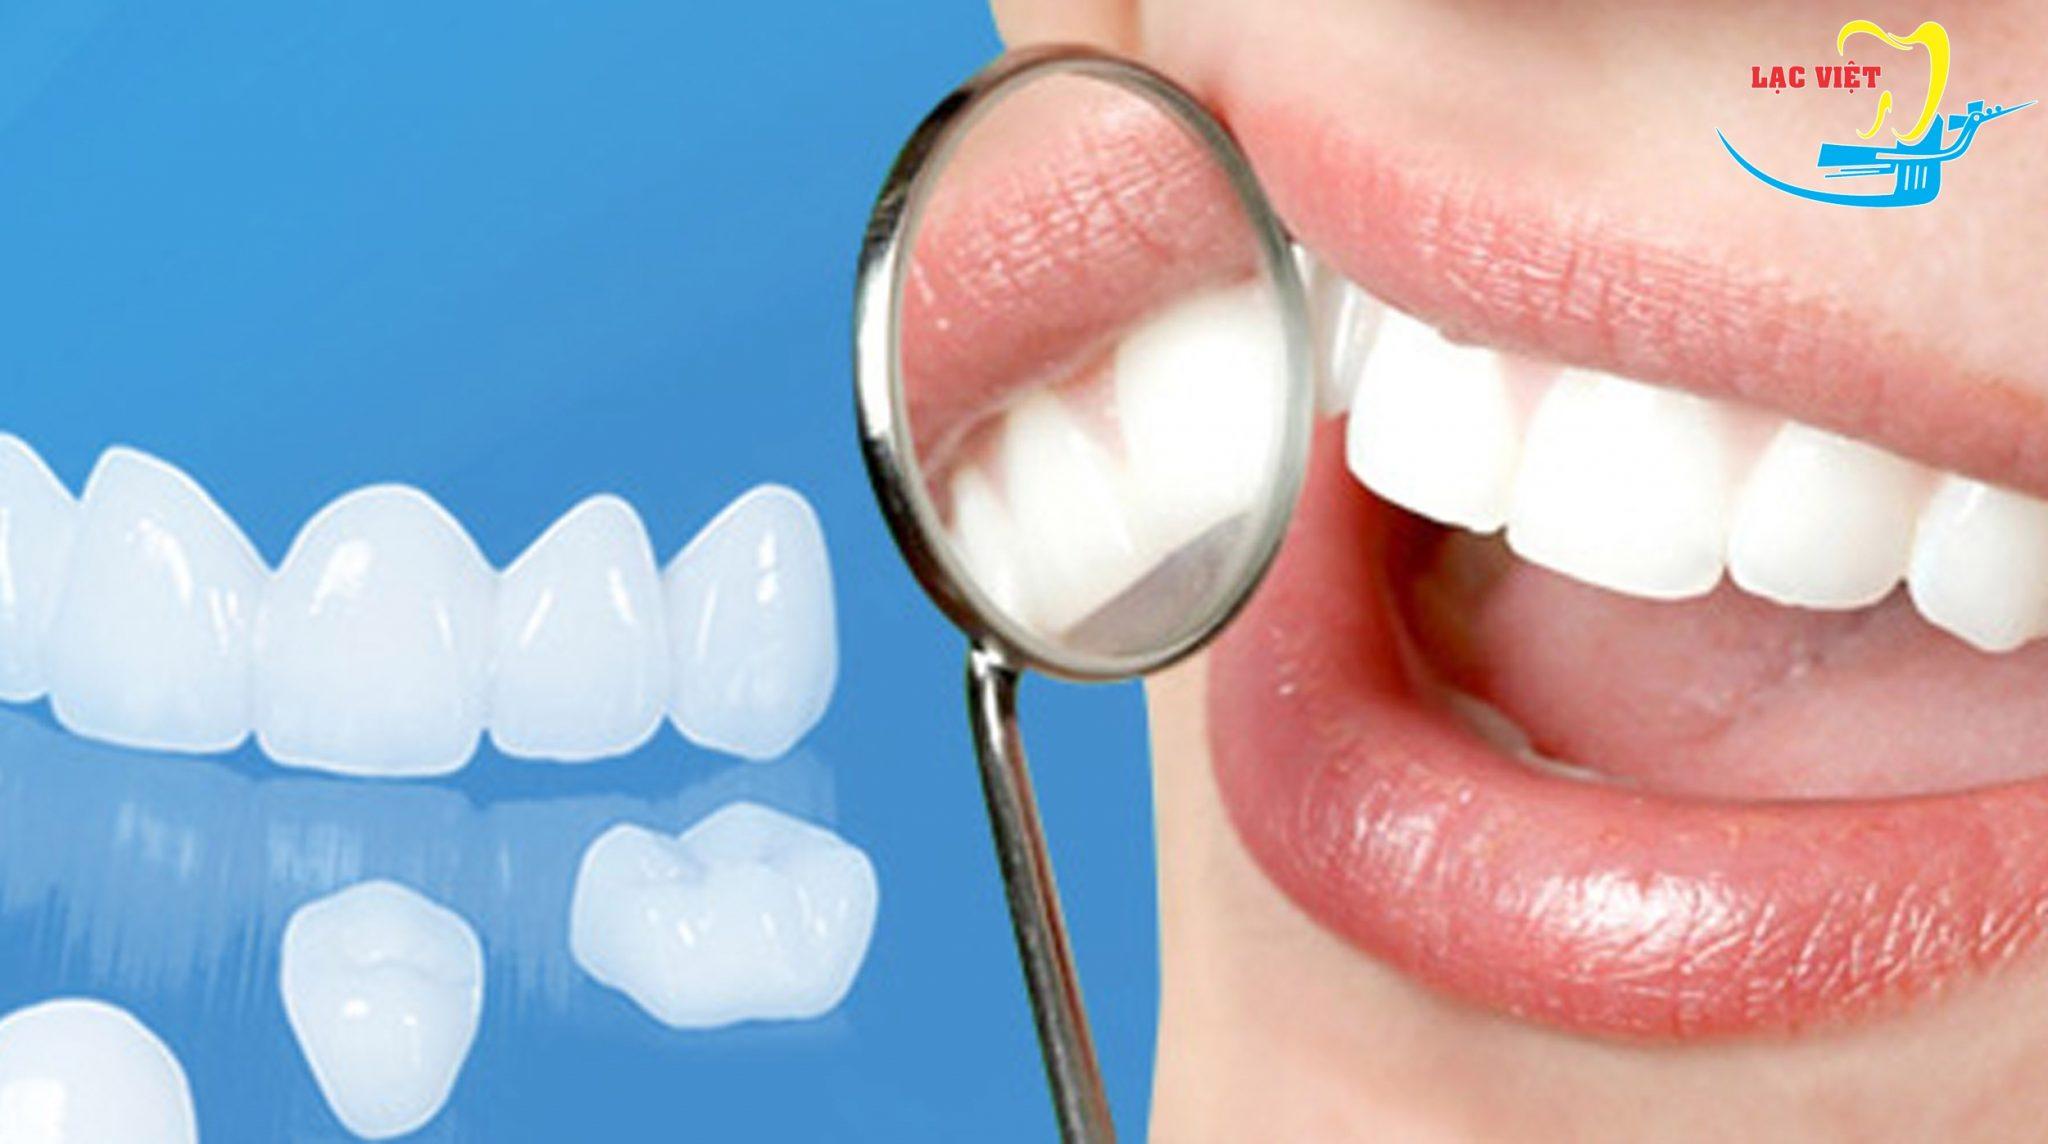 giá trồng răng sứ vĩnh viễn khi sử dụng răng toàn sứ là bao nhiêu?